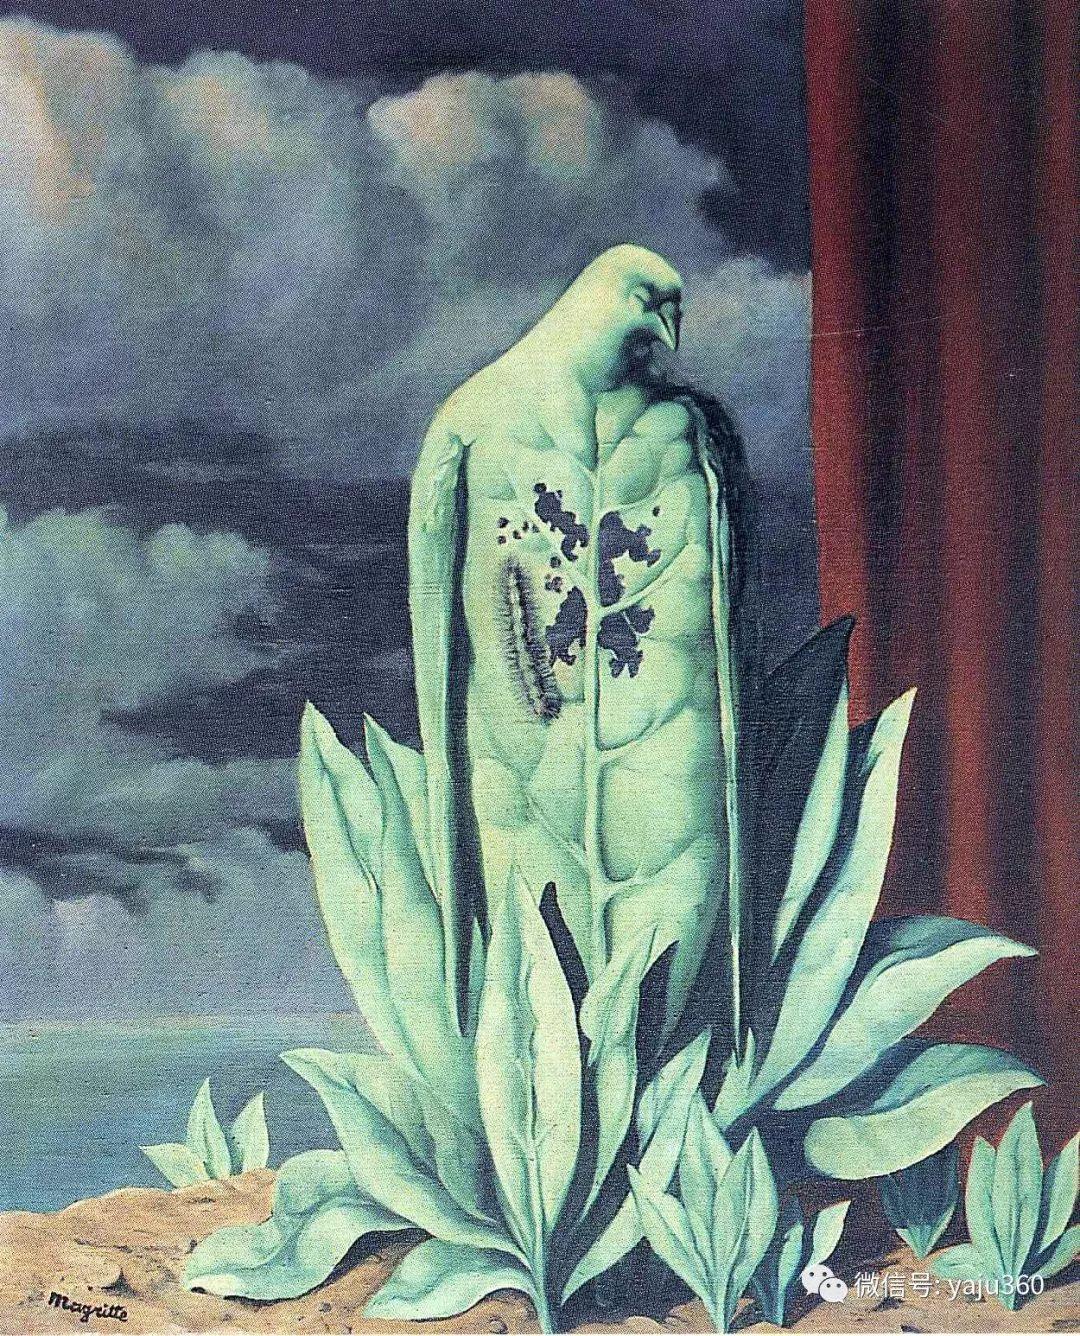 超现实主义 比利时画家Rene Magritte插图55